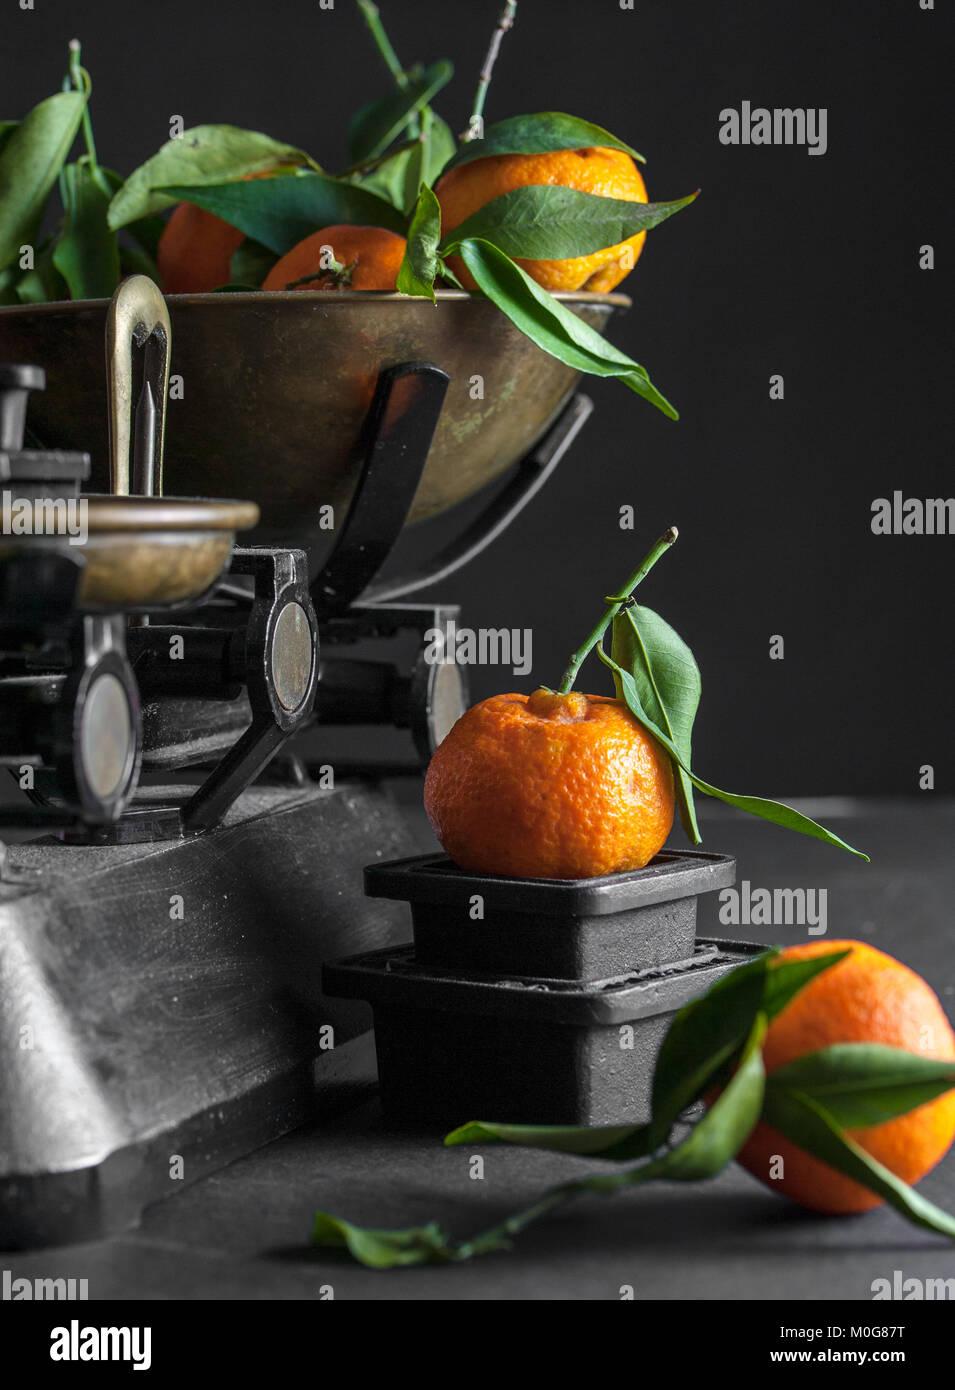 Un mazzetto di fresco succosa clementine con foglie verdi in un scalepan e su una tavola nera Foto Stock